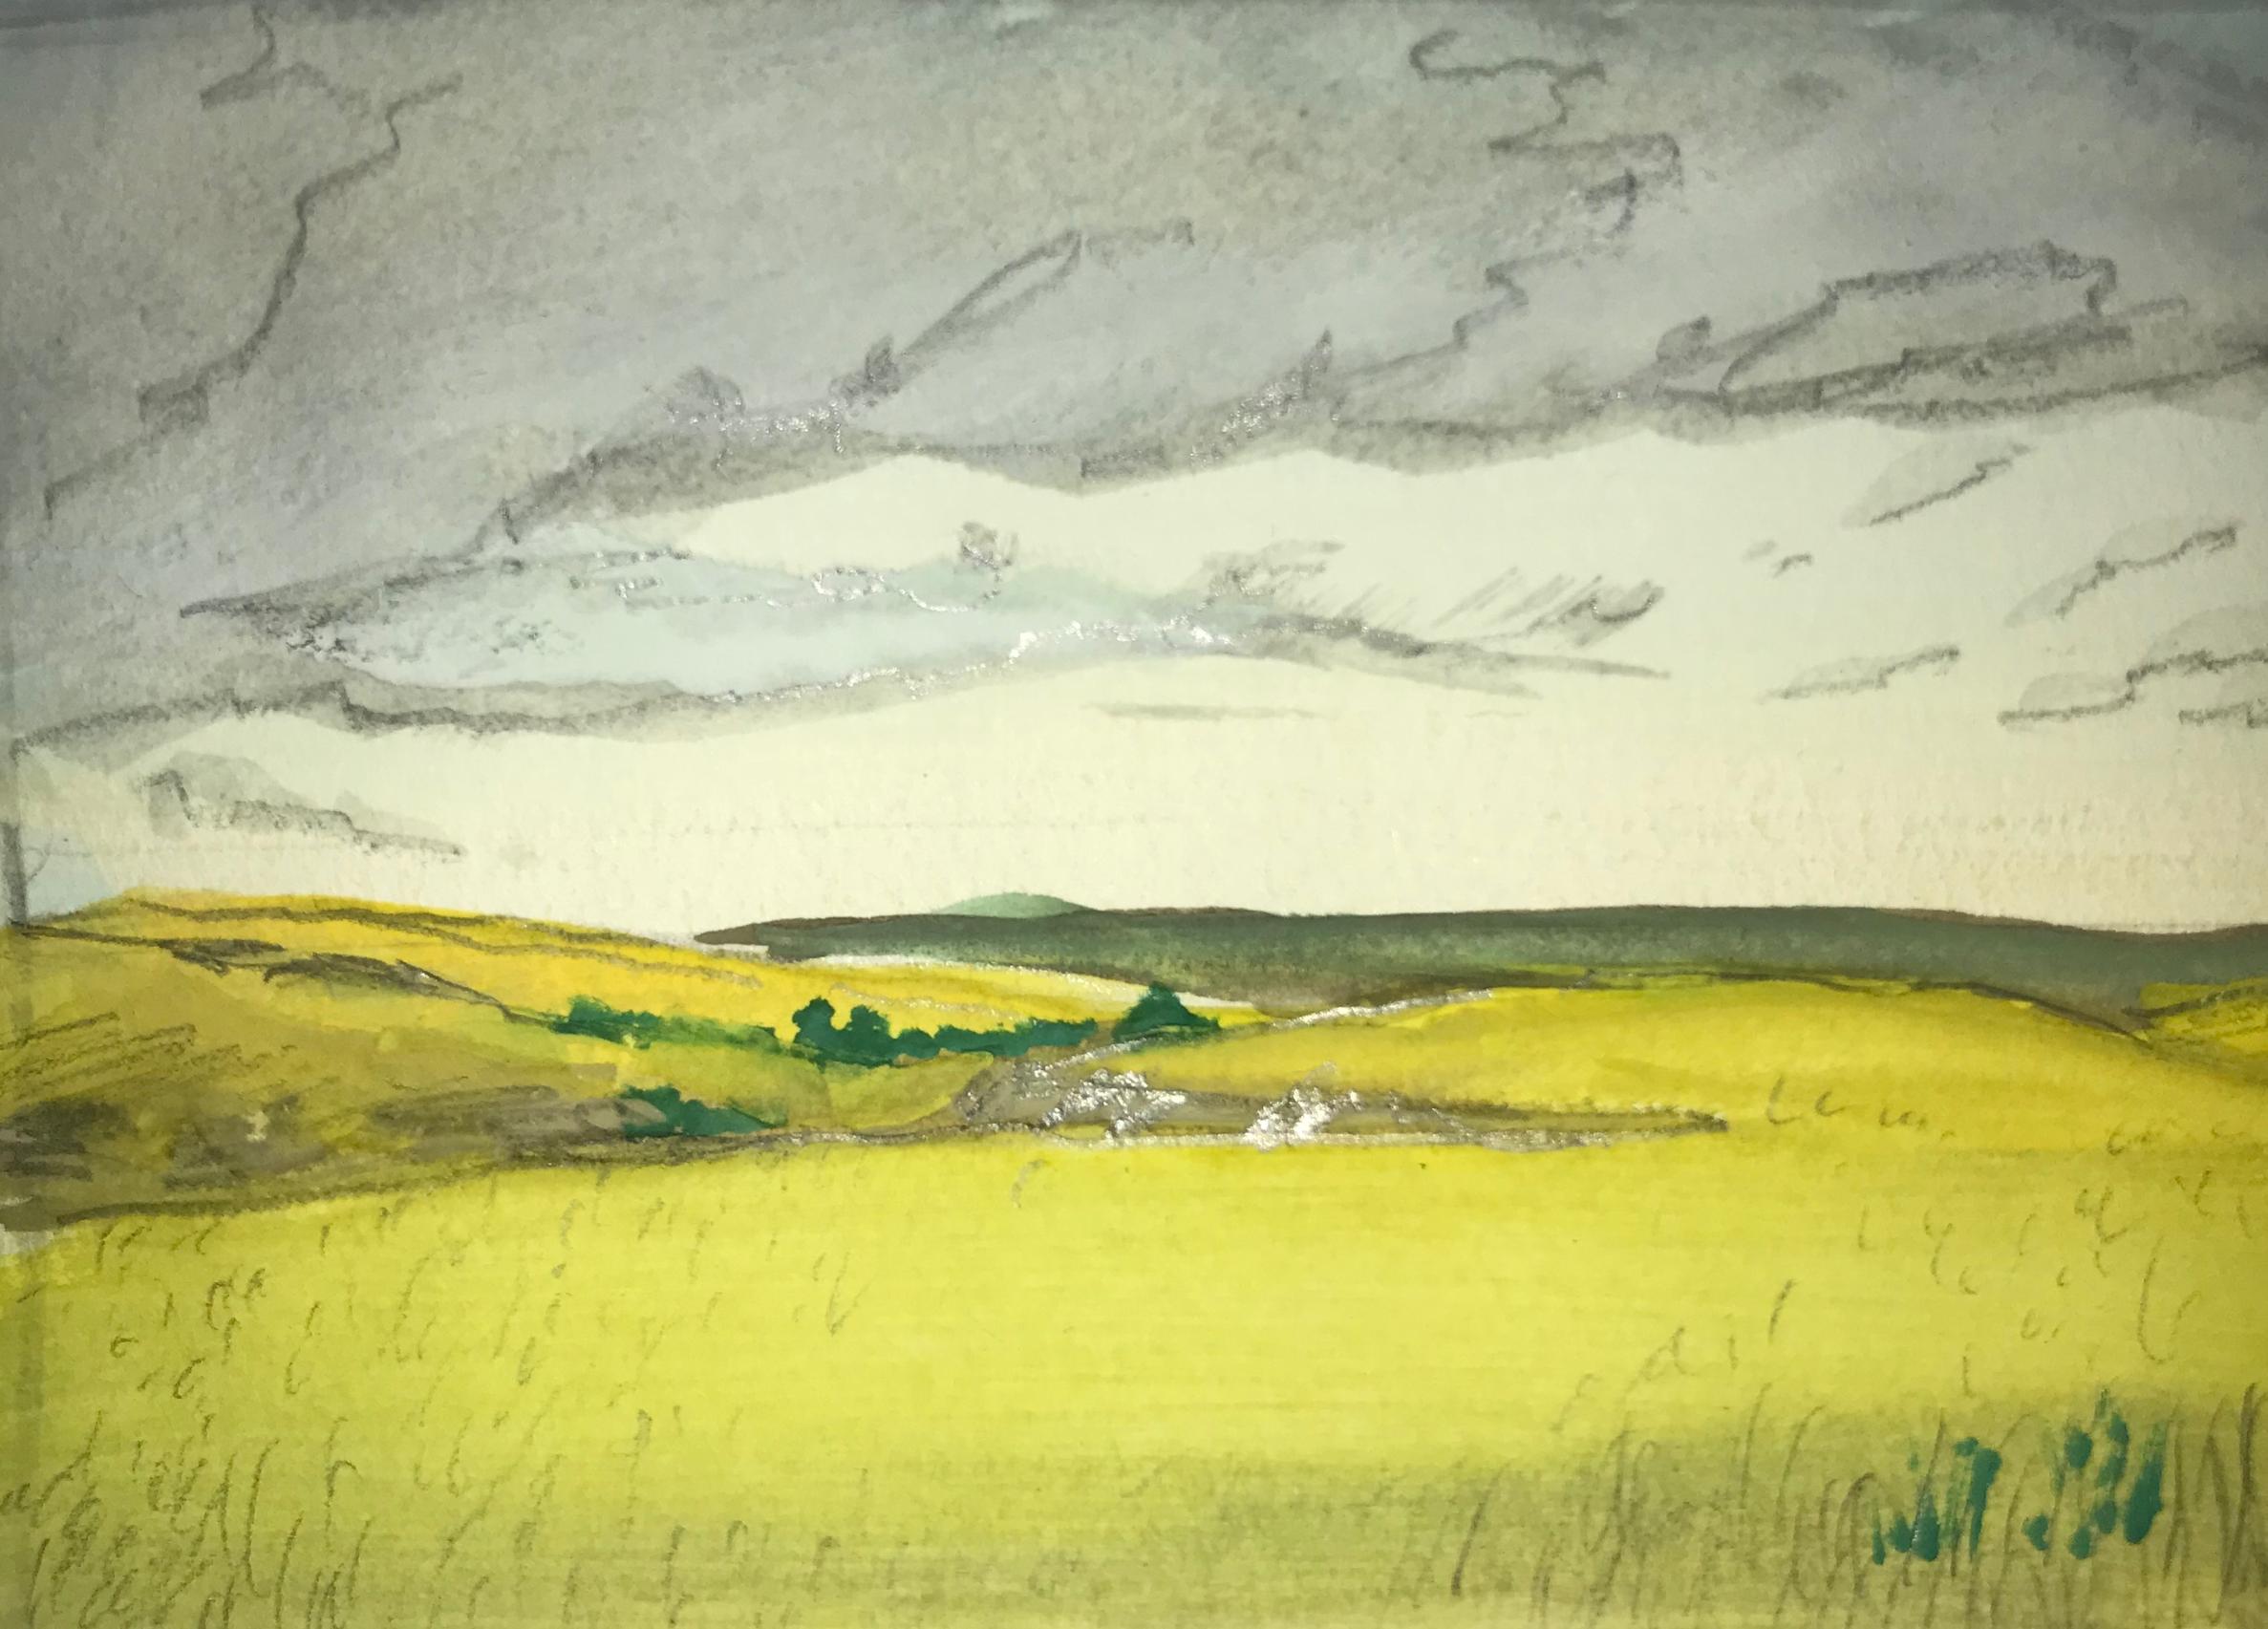 Konza Prairie 1